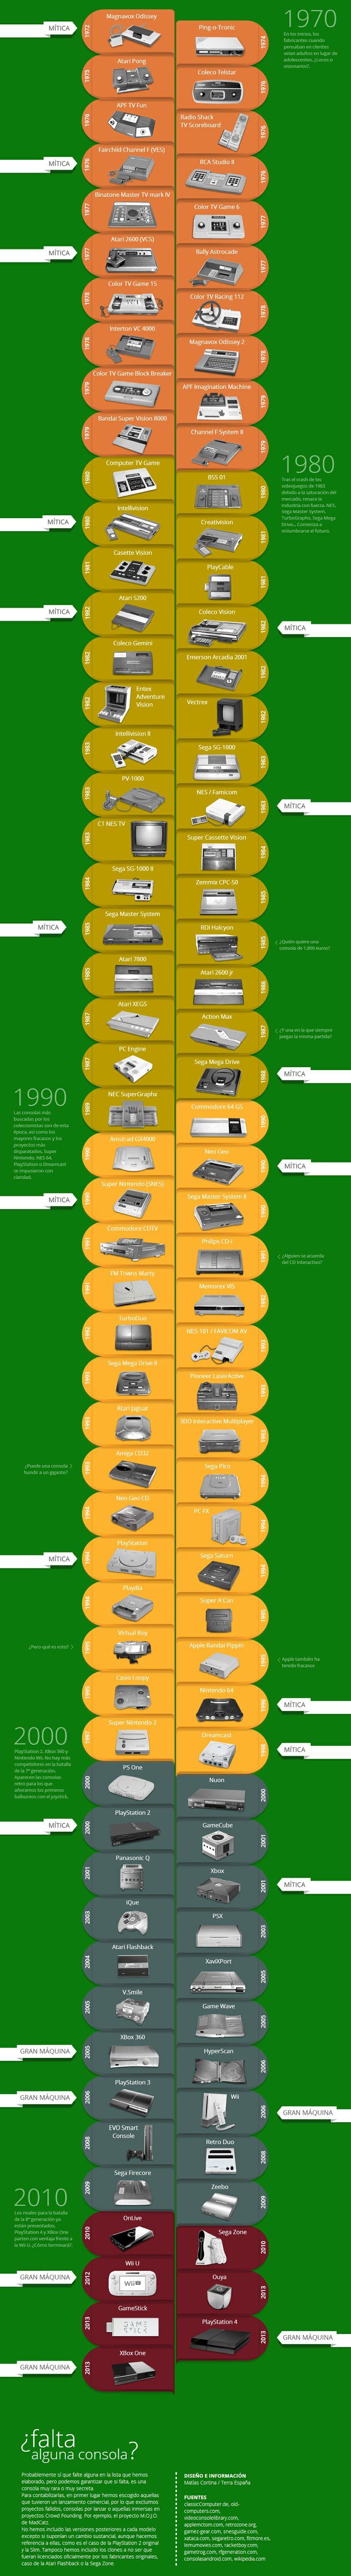 Un recorrido a través de todas las videoconsolas de la historia. Desde la década de los 70 hasta la actualidad, 105 consolas que te harán viajar en el tiempo. ¿Cuáles has tenido tú?